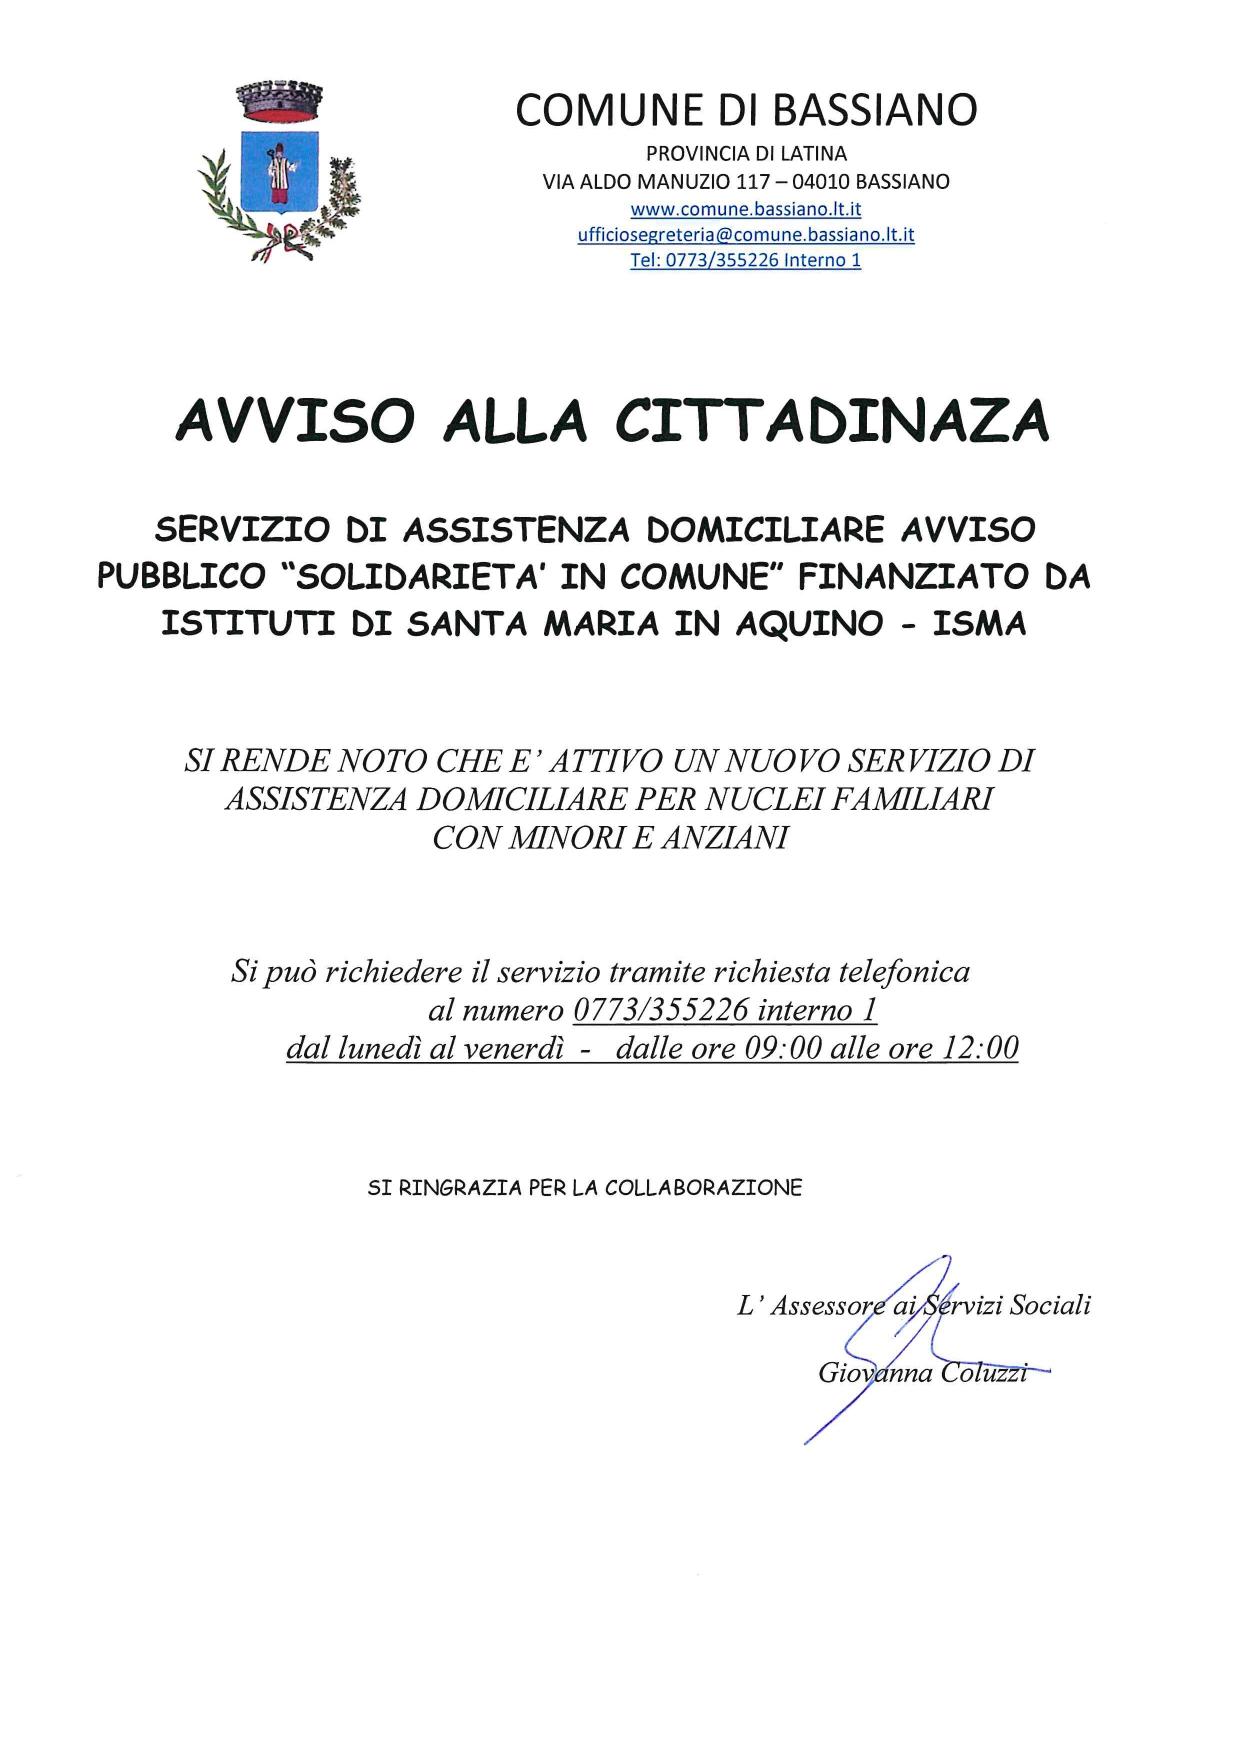 AVVISO SERVIZIO DI ASSISTENZA DOMICILIARE